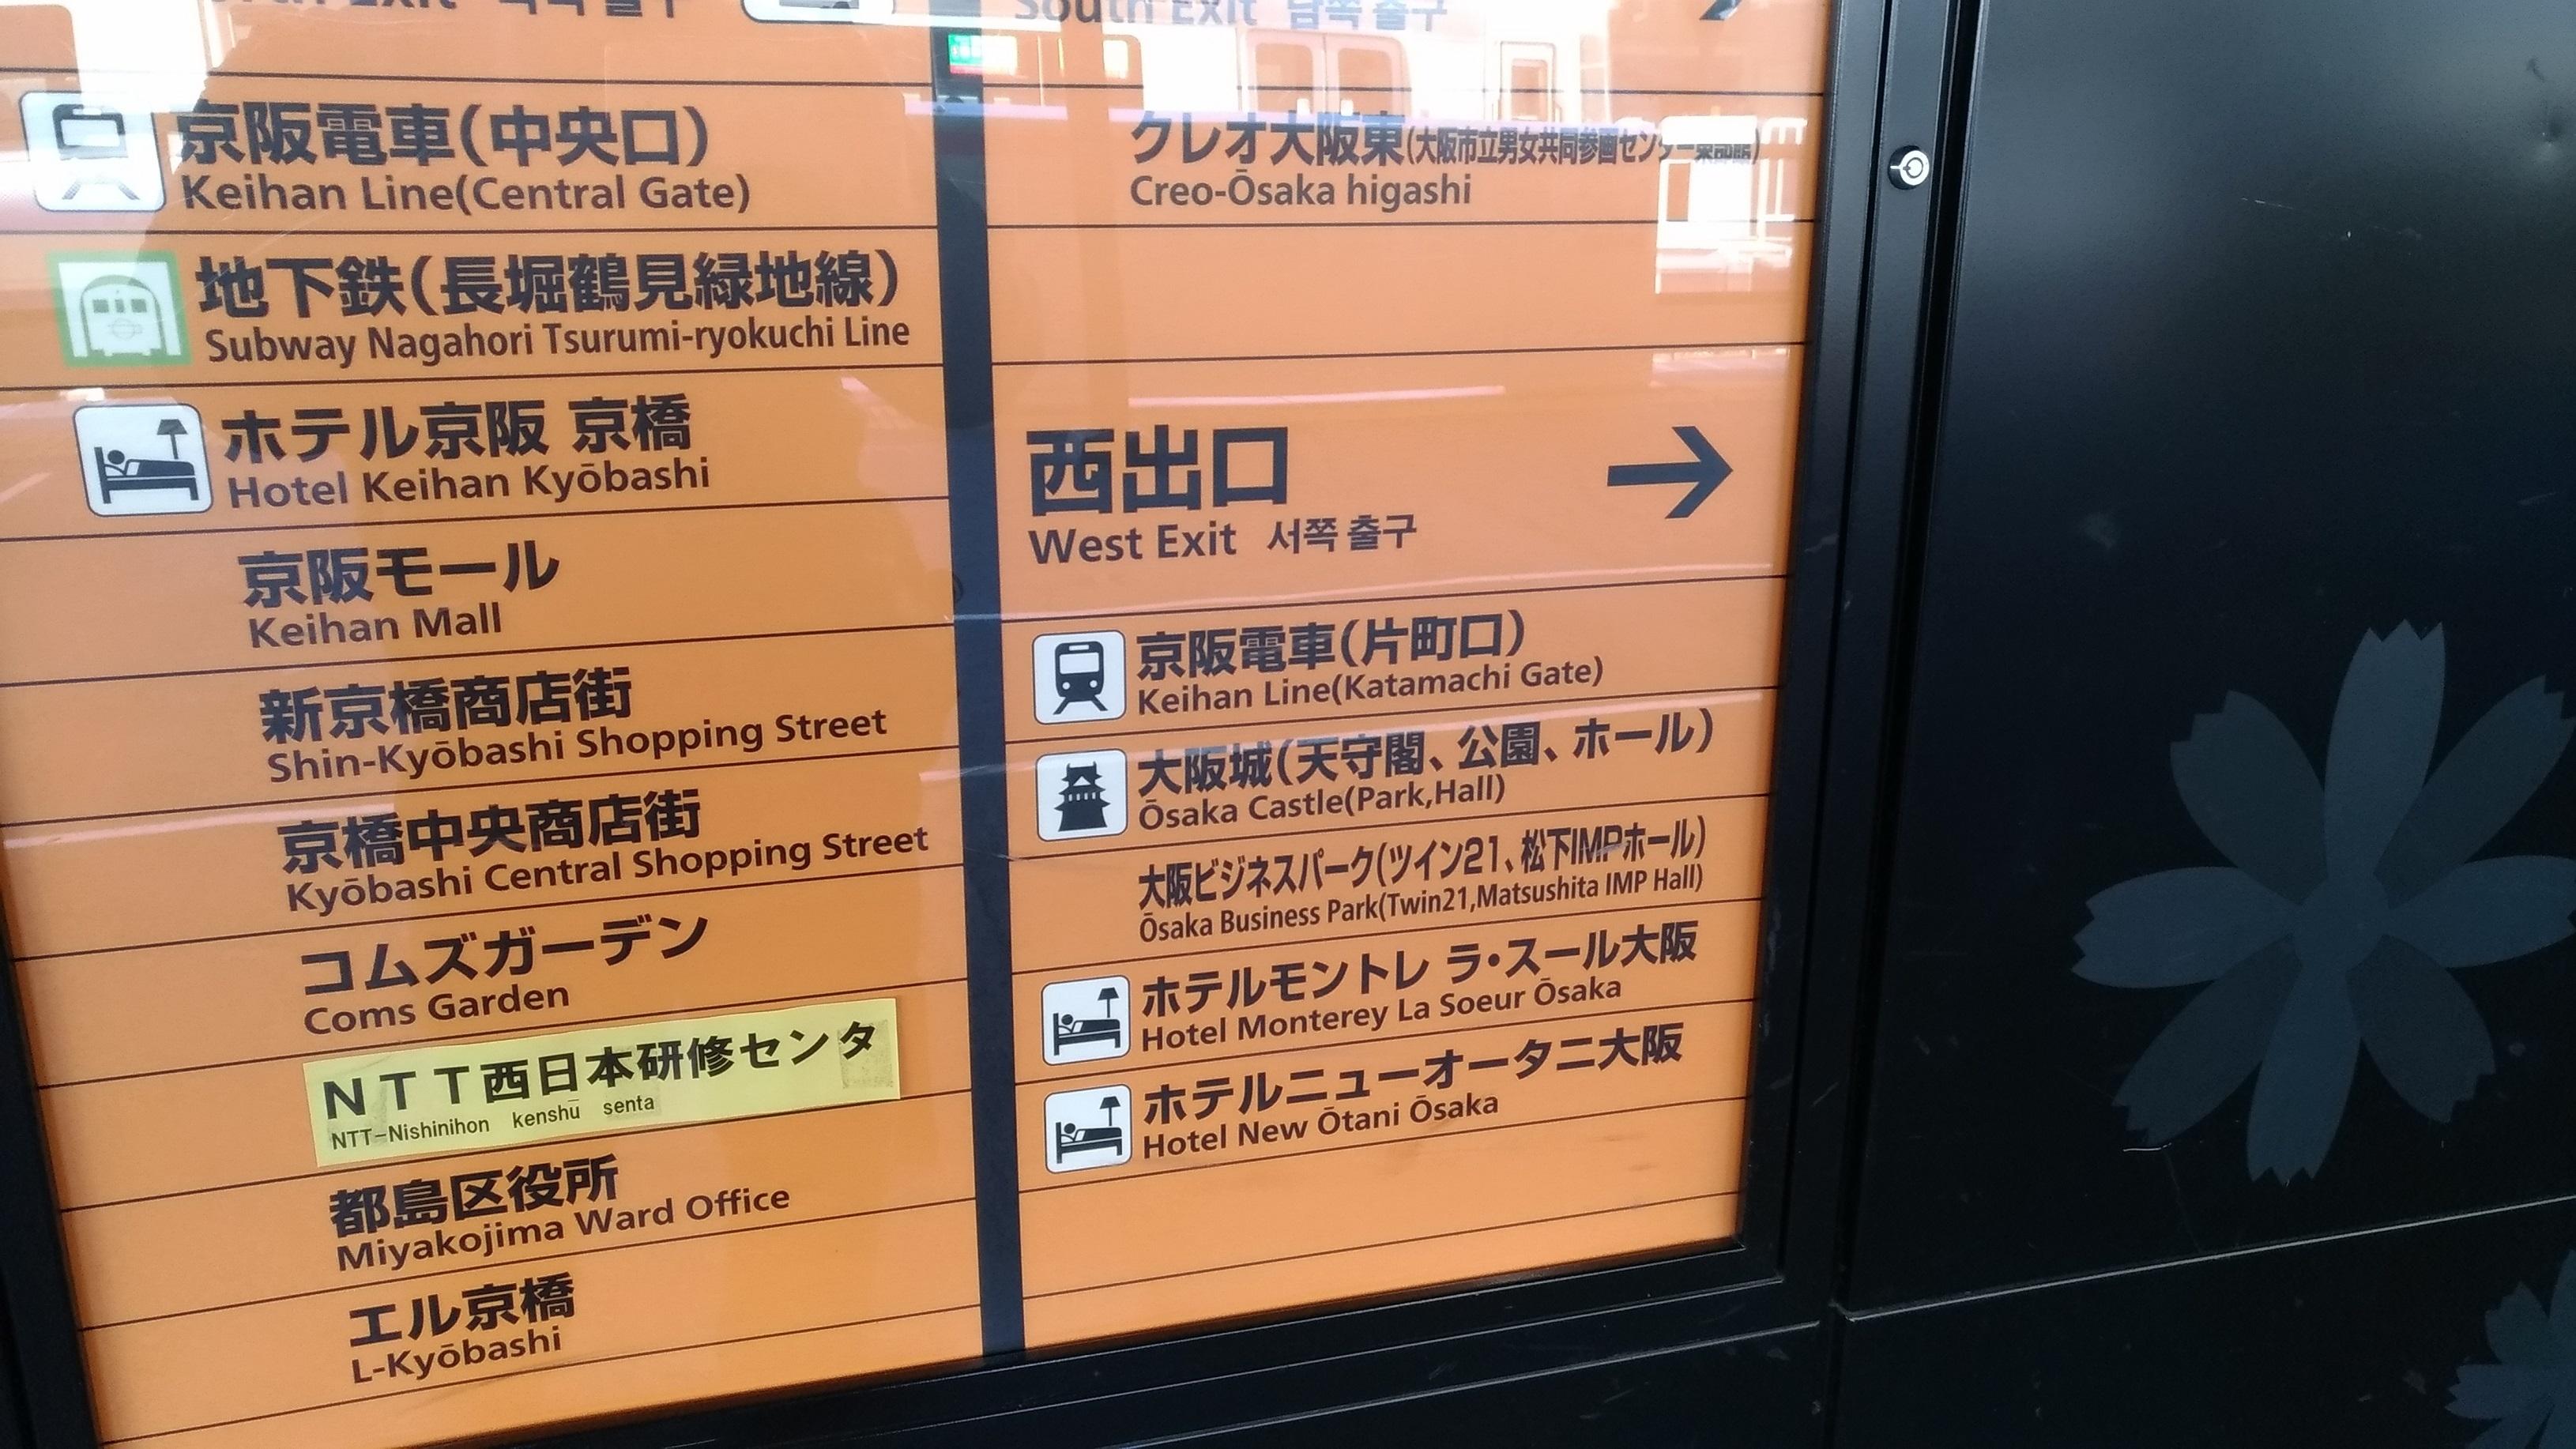 new_hotel_kyobashi_osaka_2021_2.jpg